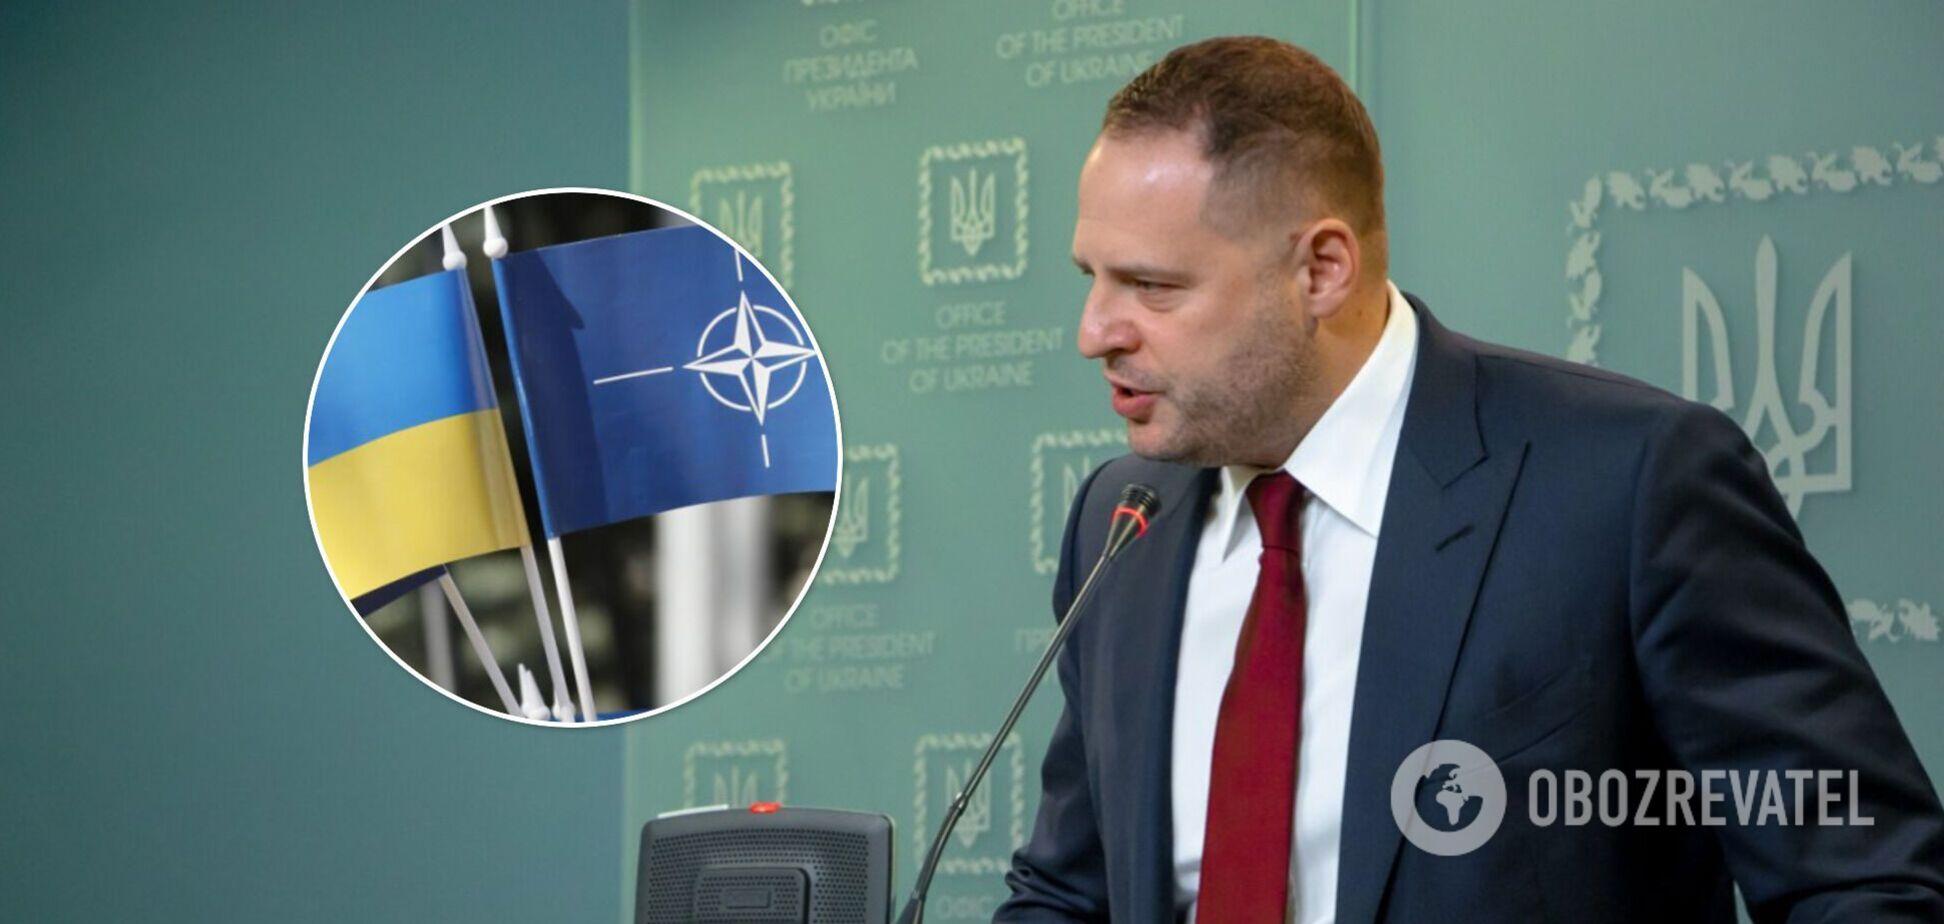 Єрмак назвав нюанс щодо підтримки вступу України в НАТО